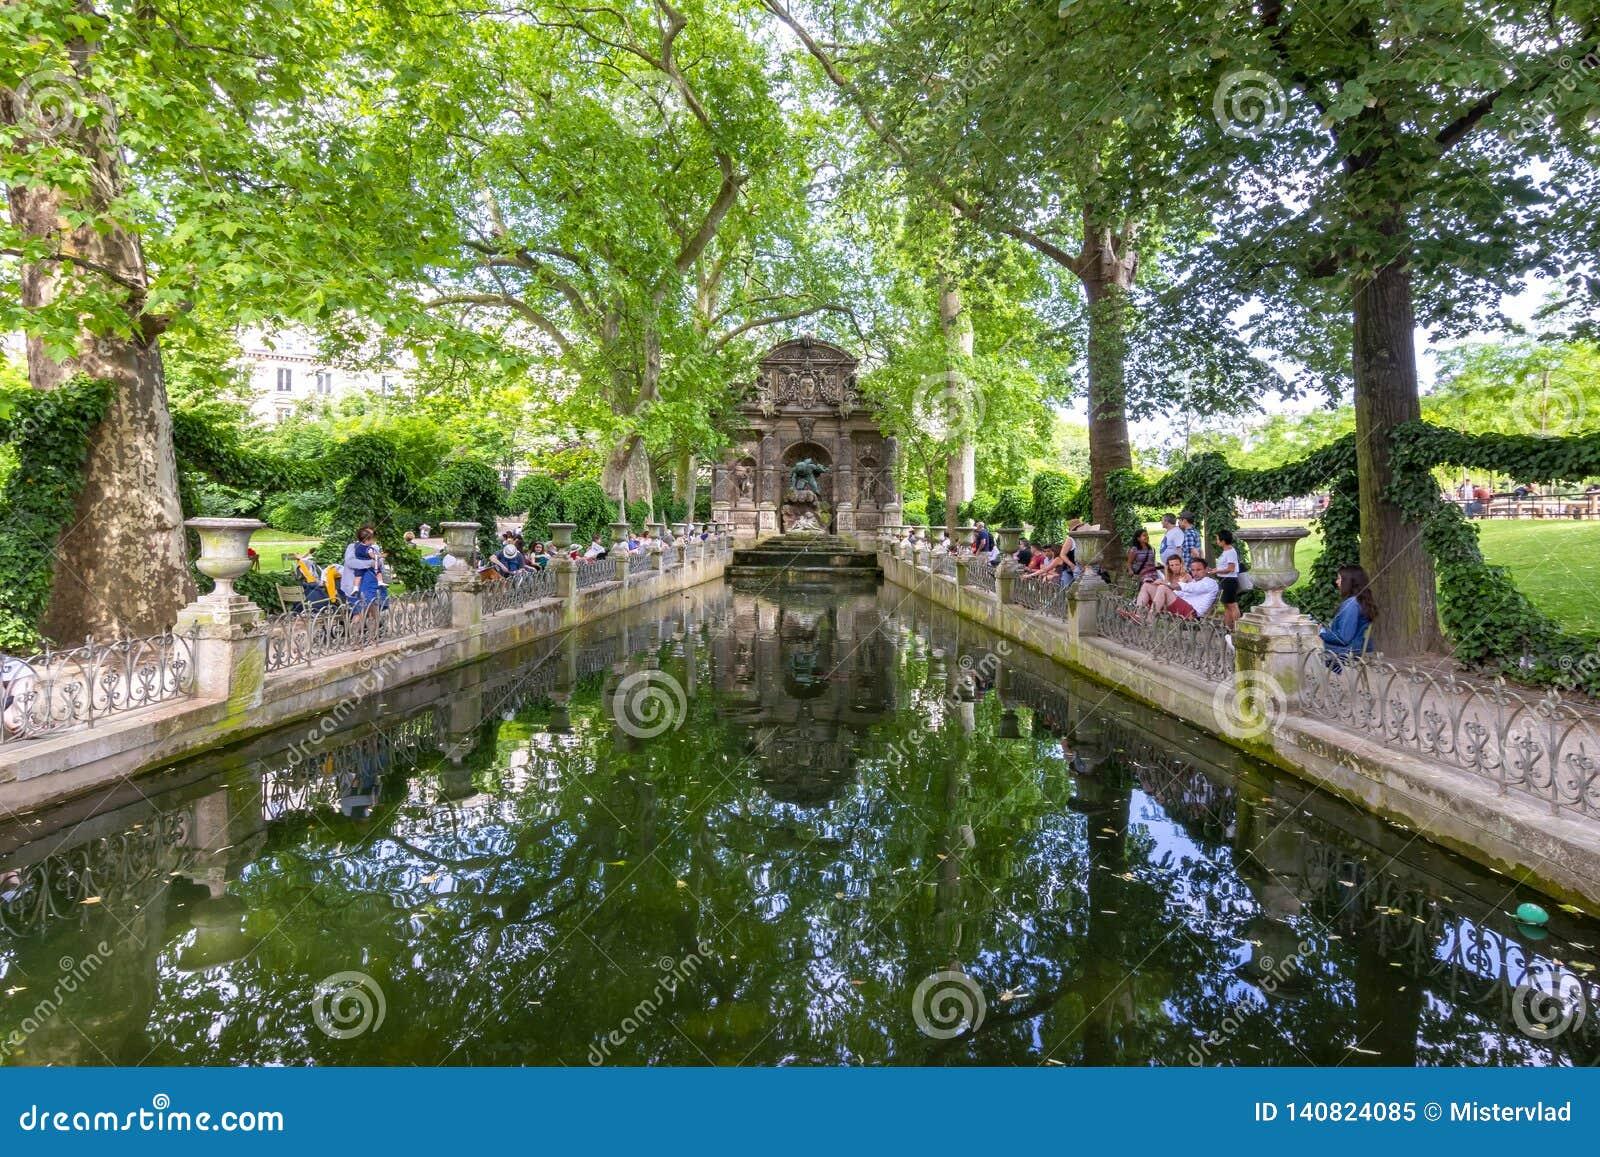 Medici-Brunnen in Luxemburg-Gärten, Paris, Frankreich